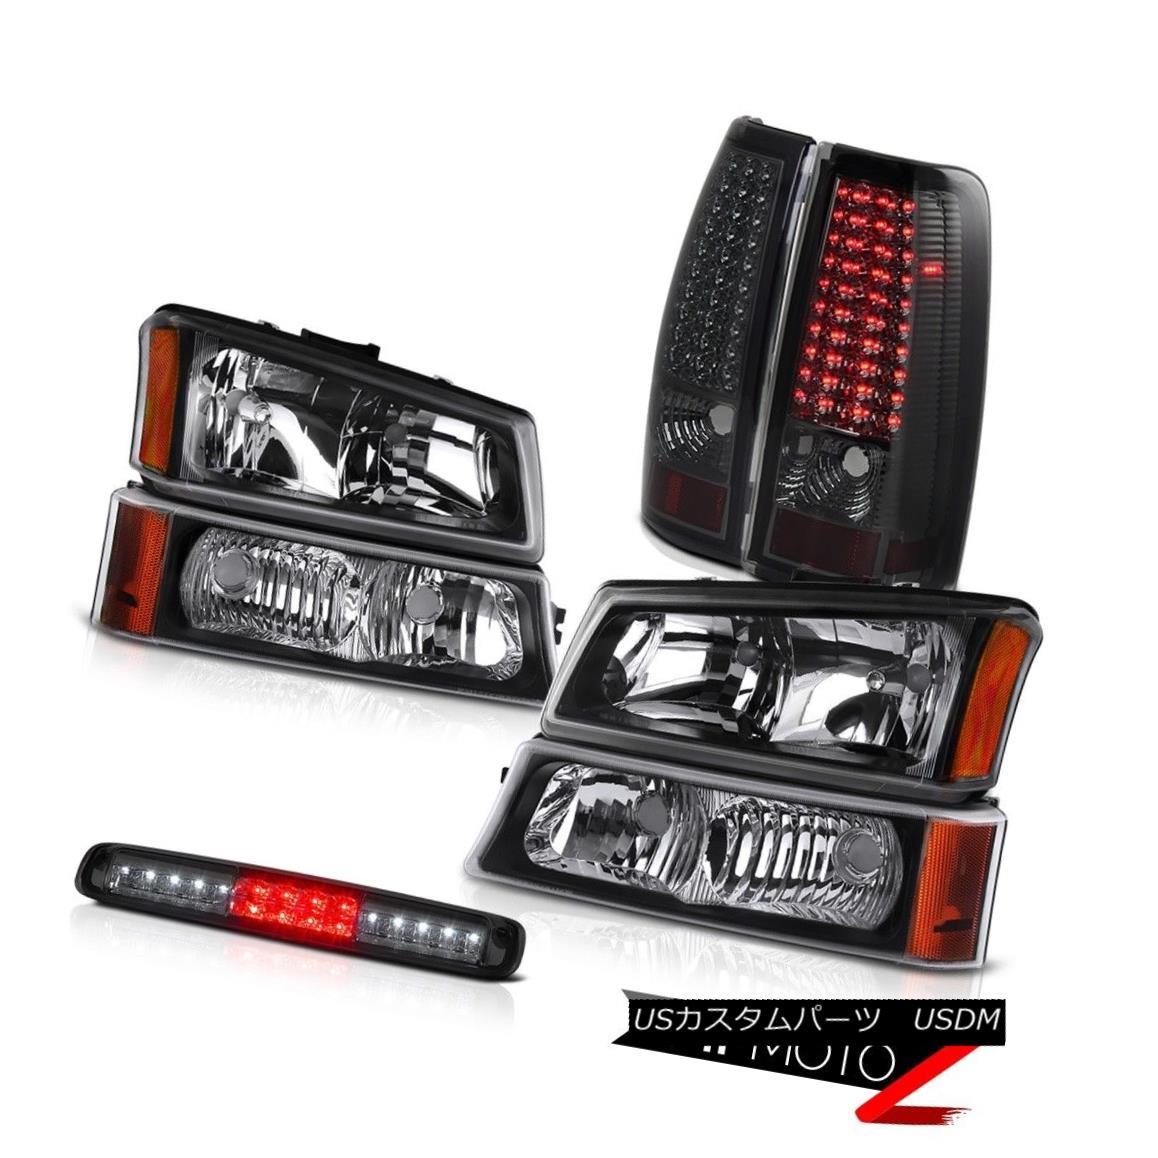 ヘッドライト 03-06 Silverado 2500Hd Bumper Light Dark Smoke 3RD Brake Headlamps Tail Lamps 03-06 Silverado 2500Hdバンパーライトダークスモーク3RDブレーキヘッドランプテールランプ